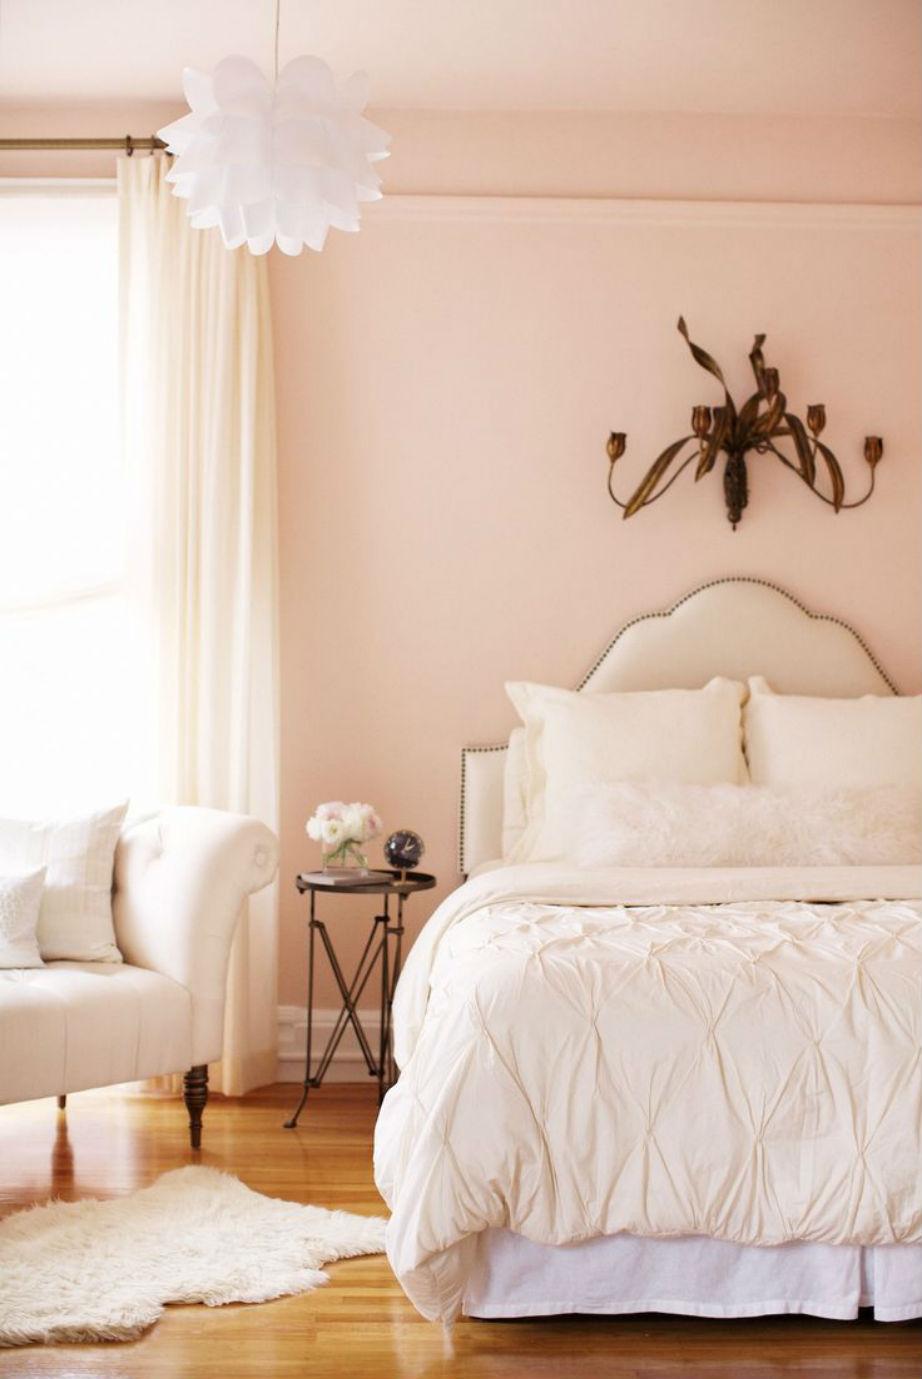 Ροζ κουφετί για ρομαντική ανανέωση!